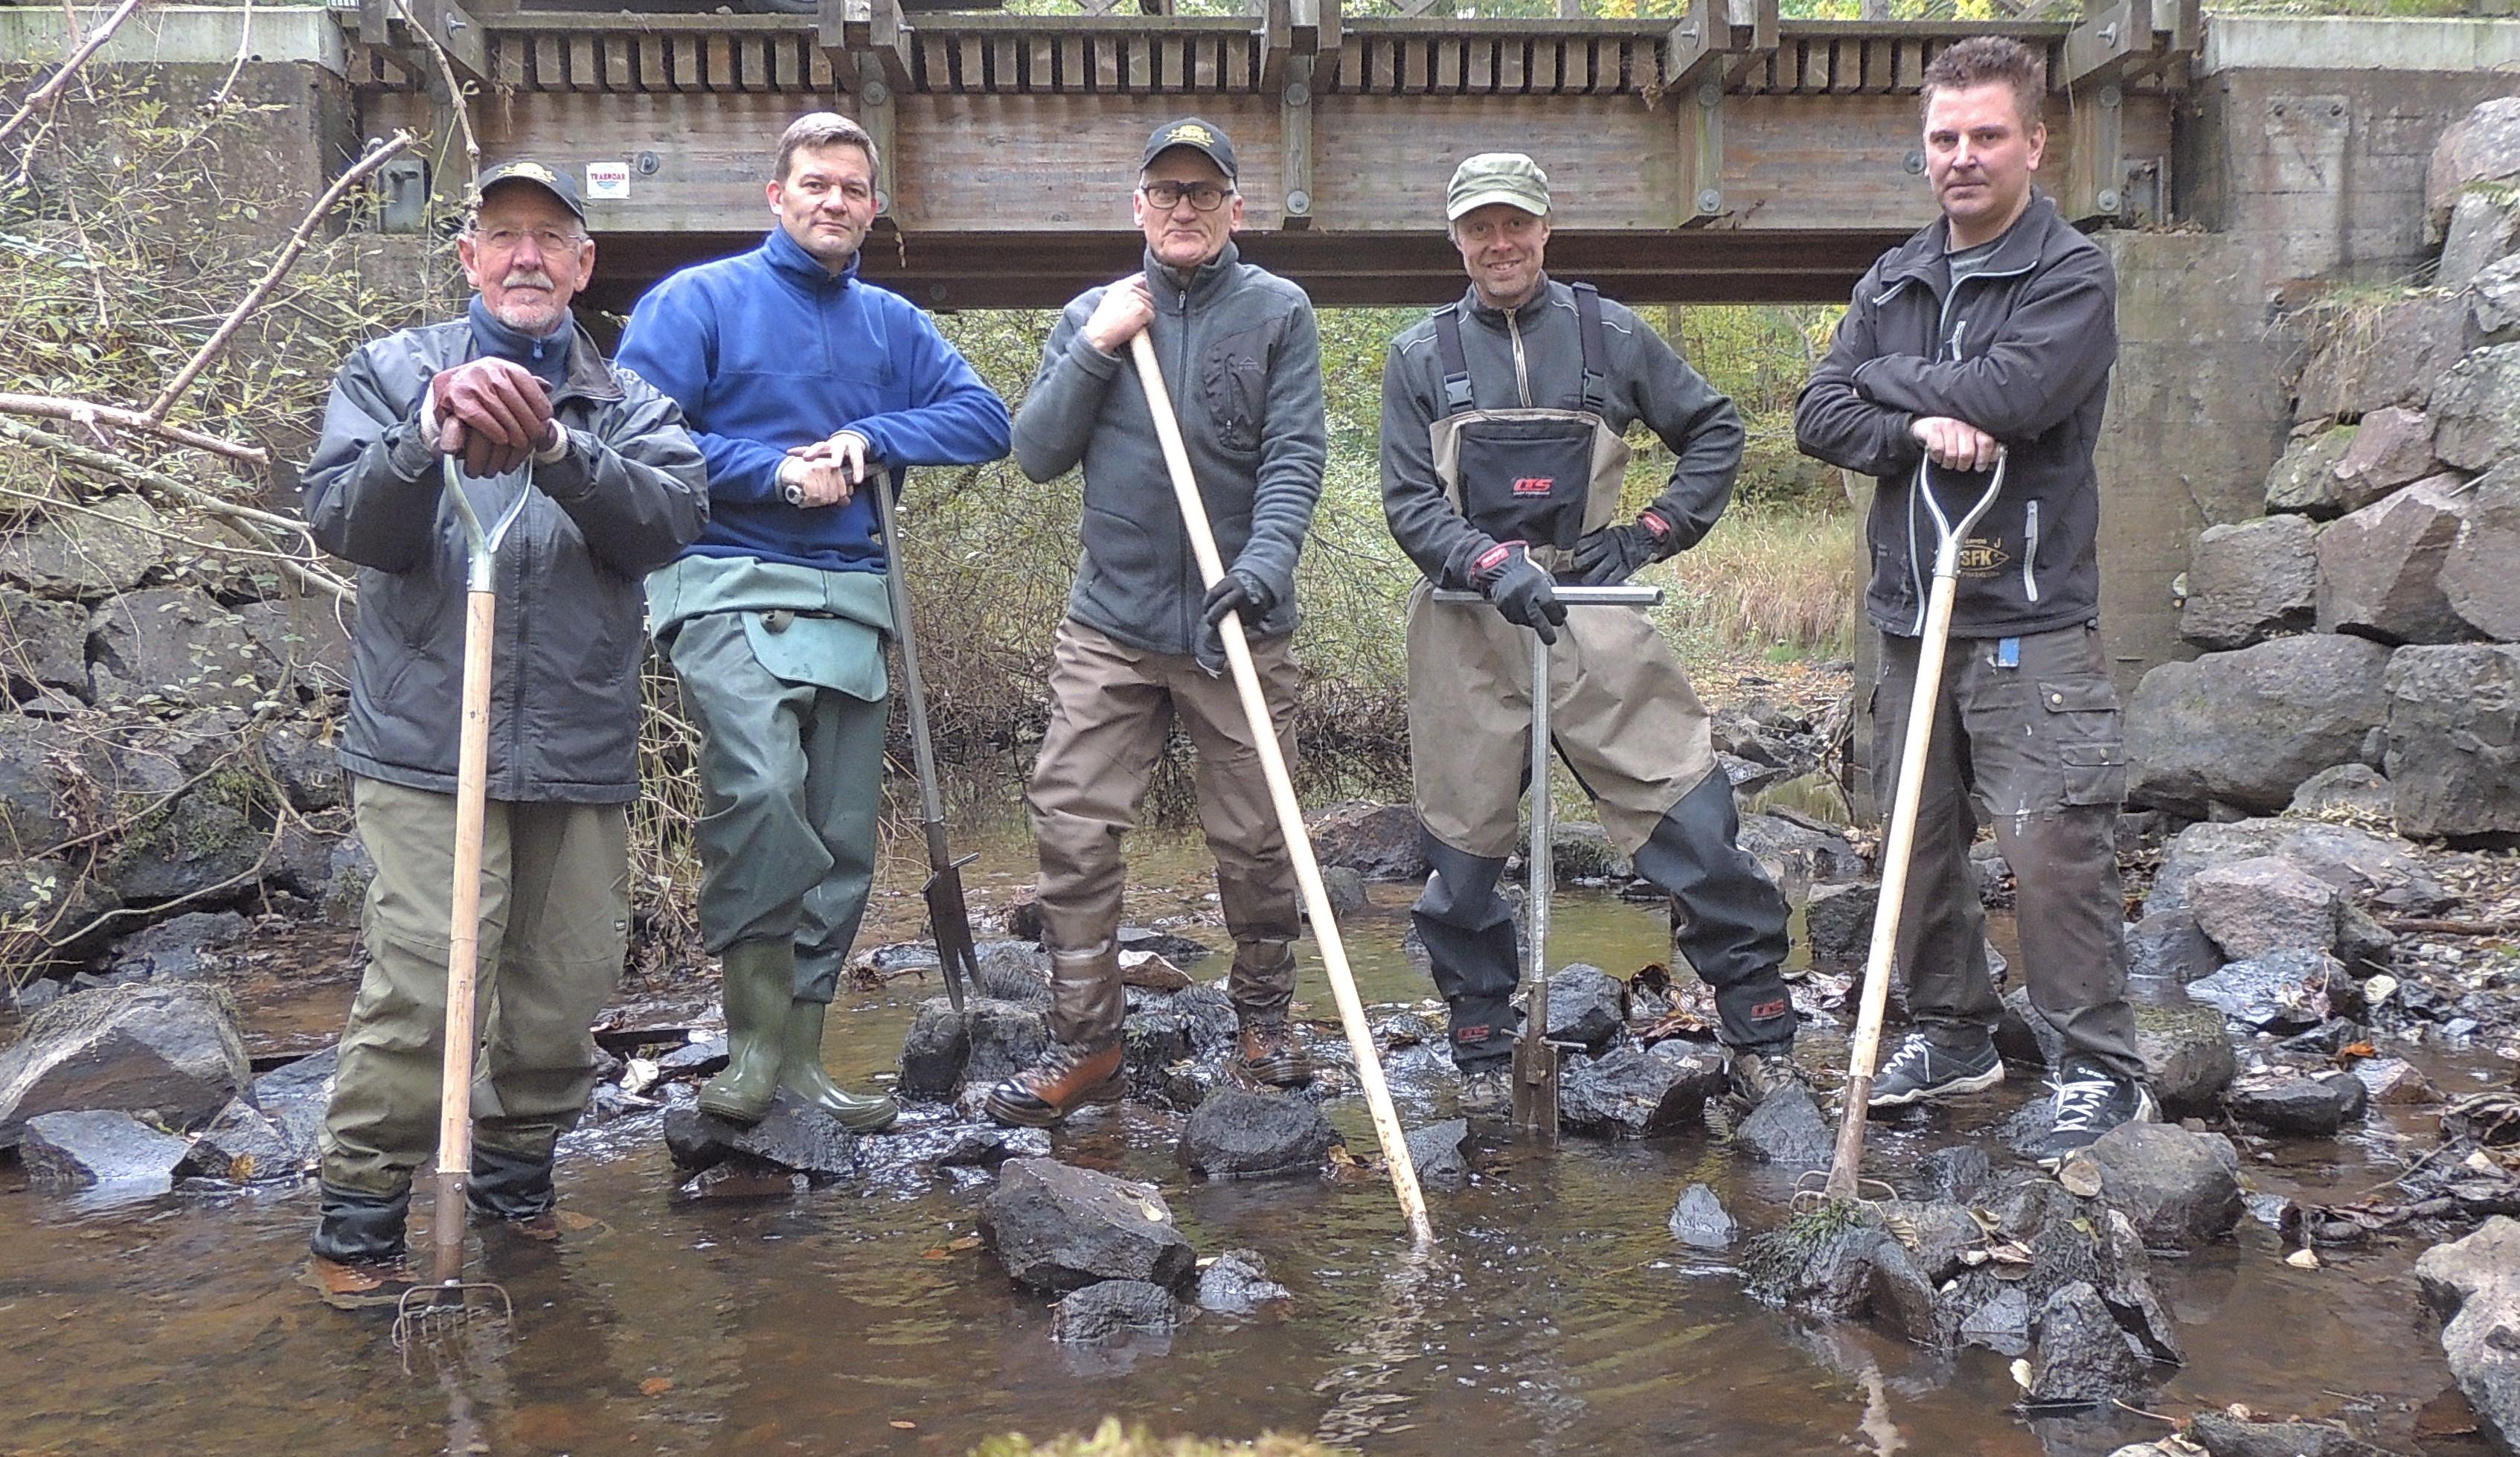 Fliseryds Sportfiskeklubbs Biotopvårdsgrupp som arbetat med åtgärden i Cylinderkvillen (dock saknas en person på bilden).